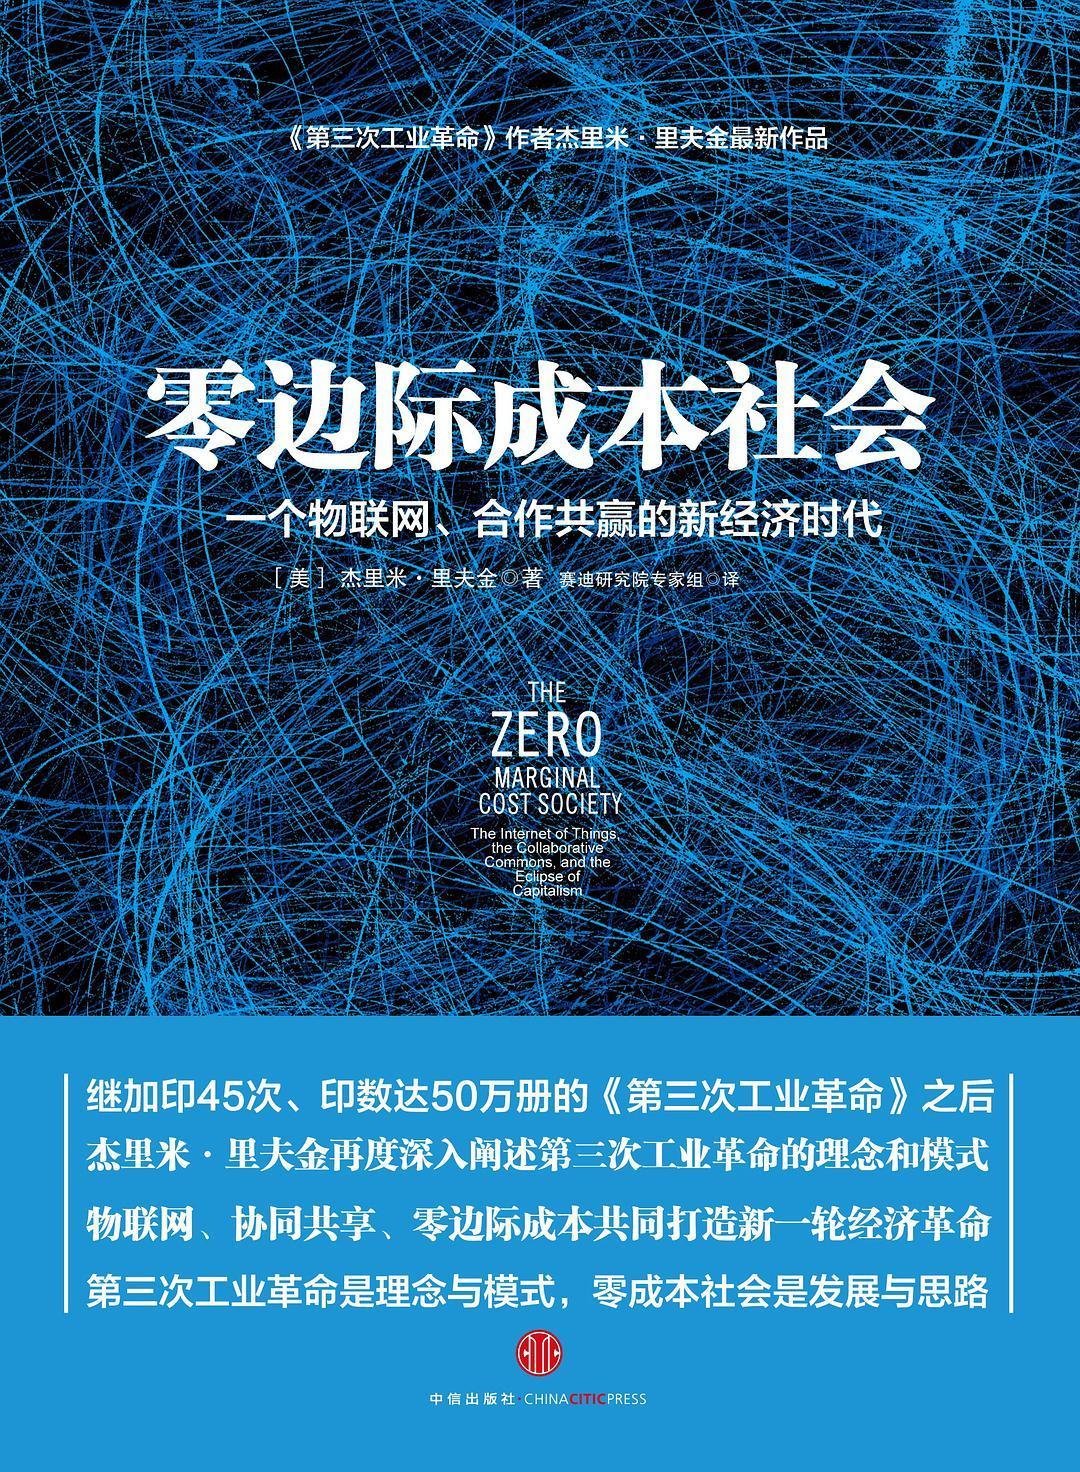 《零邊際成本社會》   杰里米·里夫金   txt+mobi+epub+pdf電子書下載